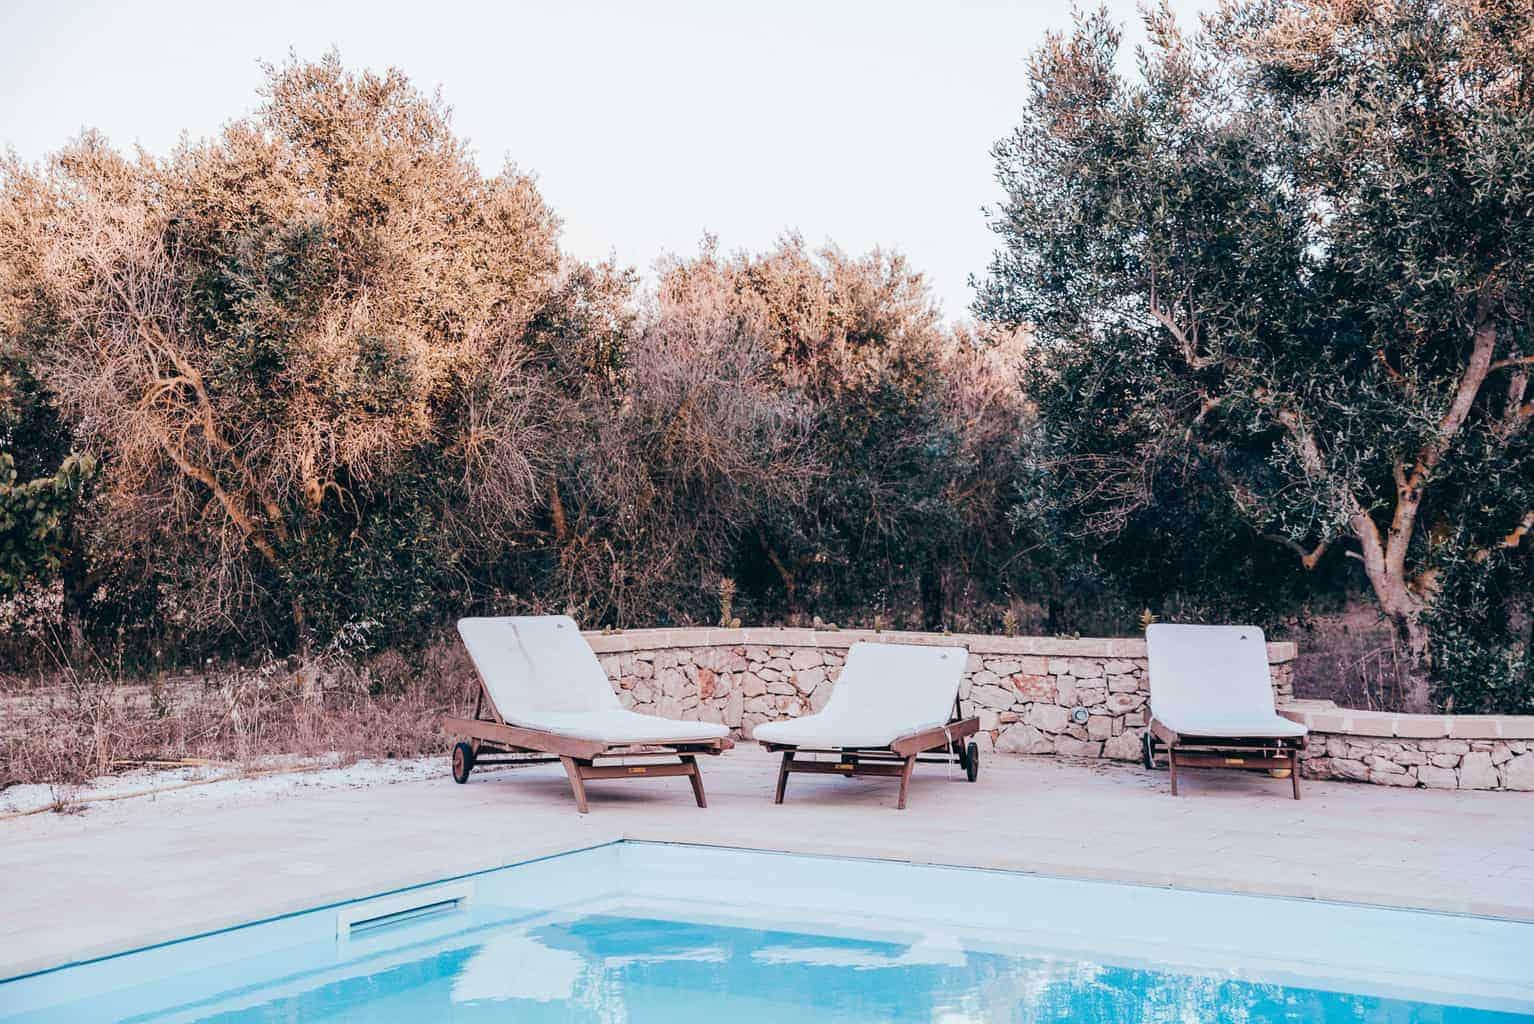 At the Aia - retreat venue in Puglia, Italy